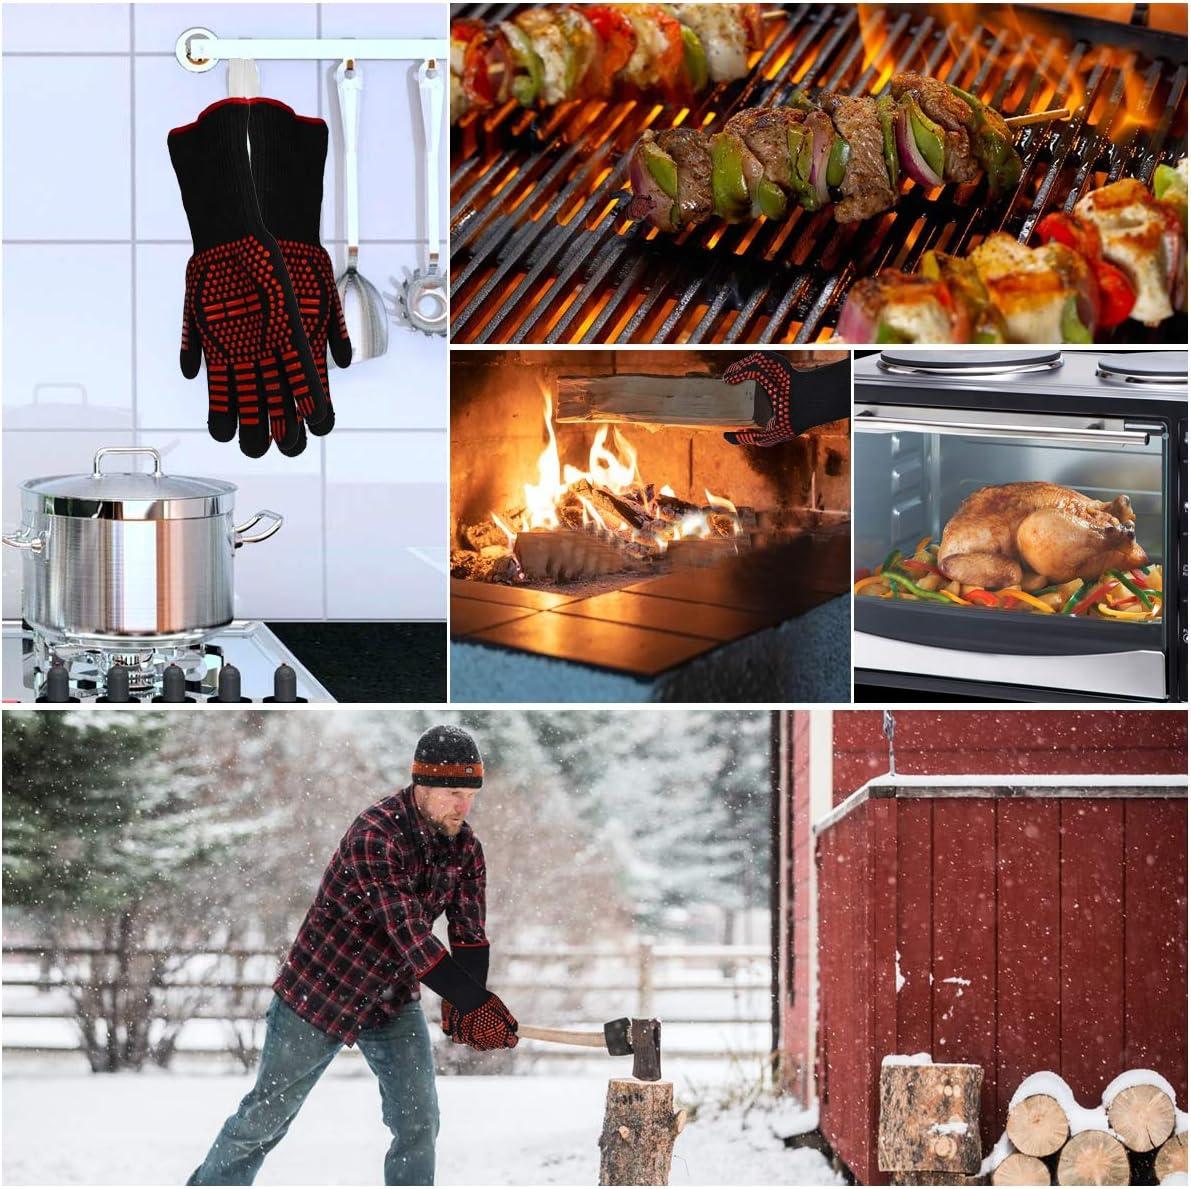 certificati Secondo EN 407 e CE Lungo Polsino,1 Paio Luoistu Touchscreen Guanti da Forno Barbecue Guanti da Cucina Resistenti al Calore Fino a 800 /° C Dimensioni universali Antiscivolo